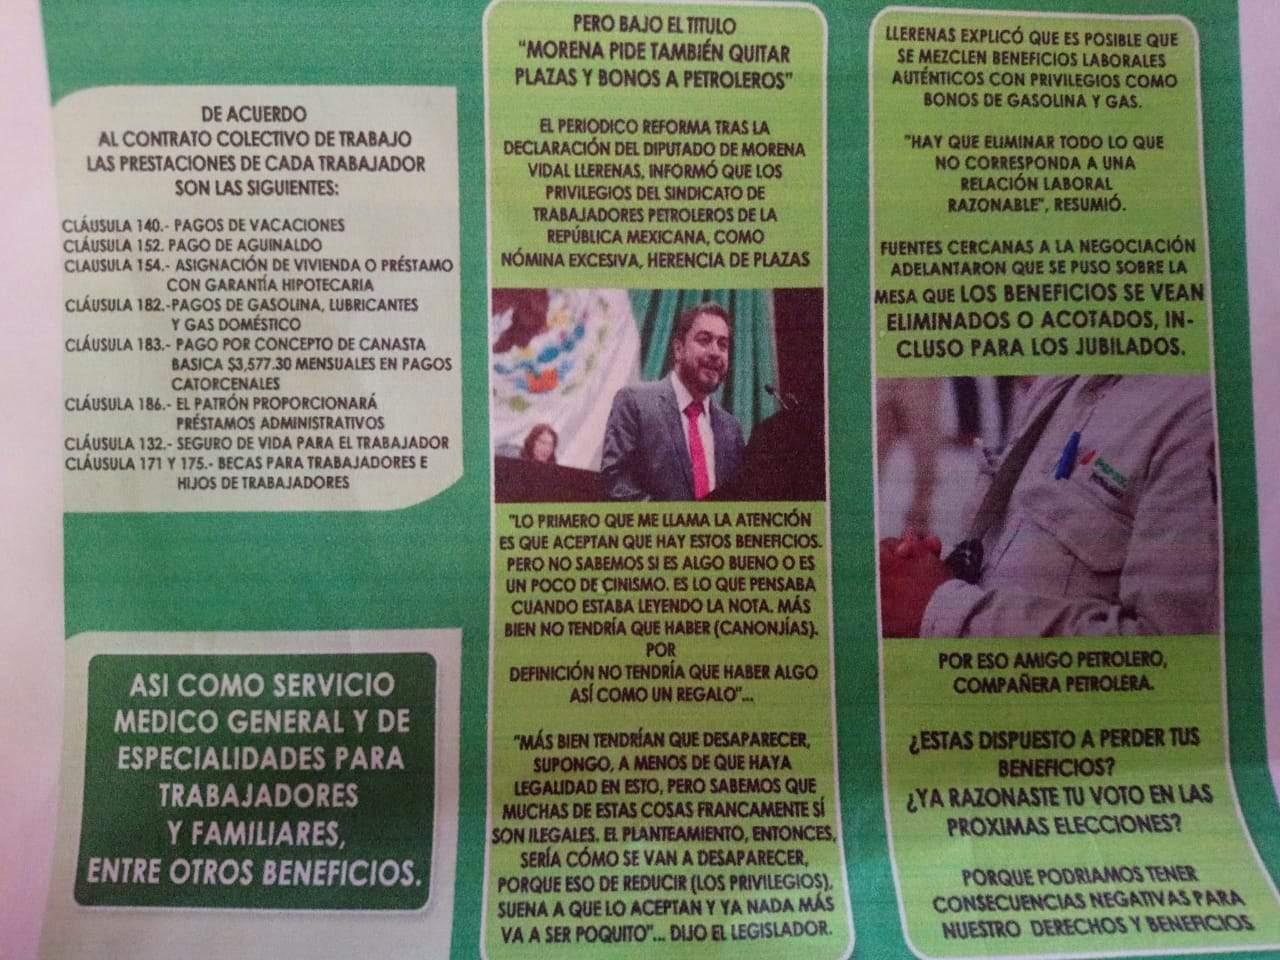 Es falso que carteles que promueven votar por Morena se distribuyan en la refinería de Tula